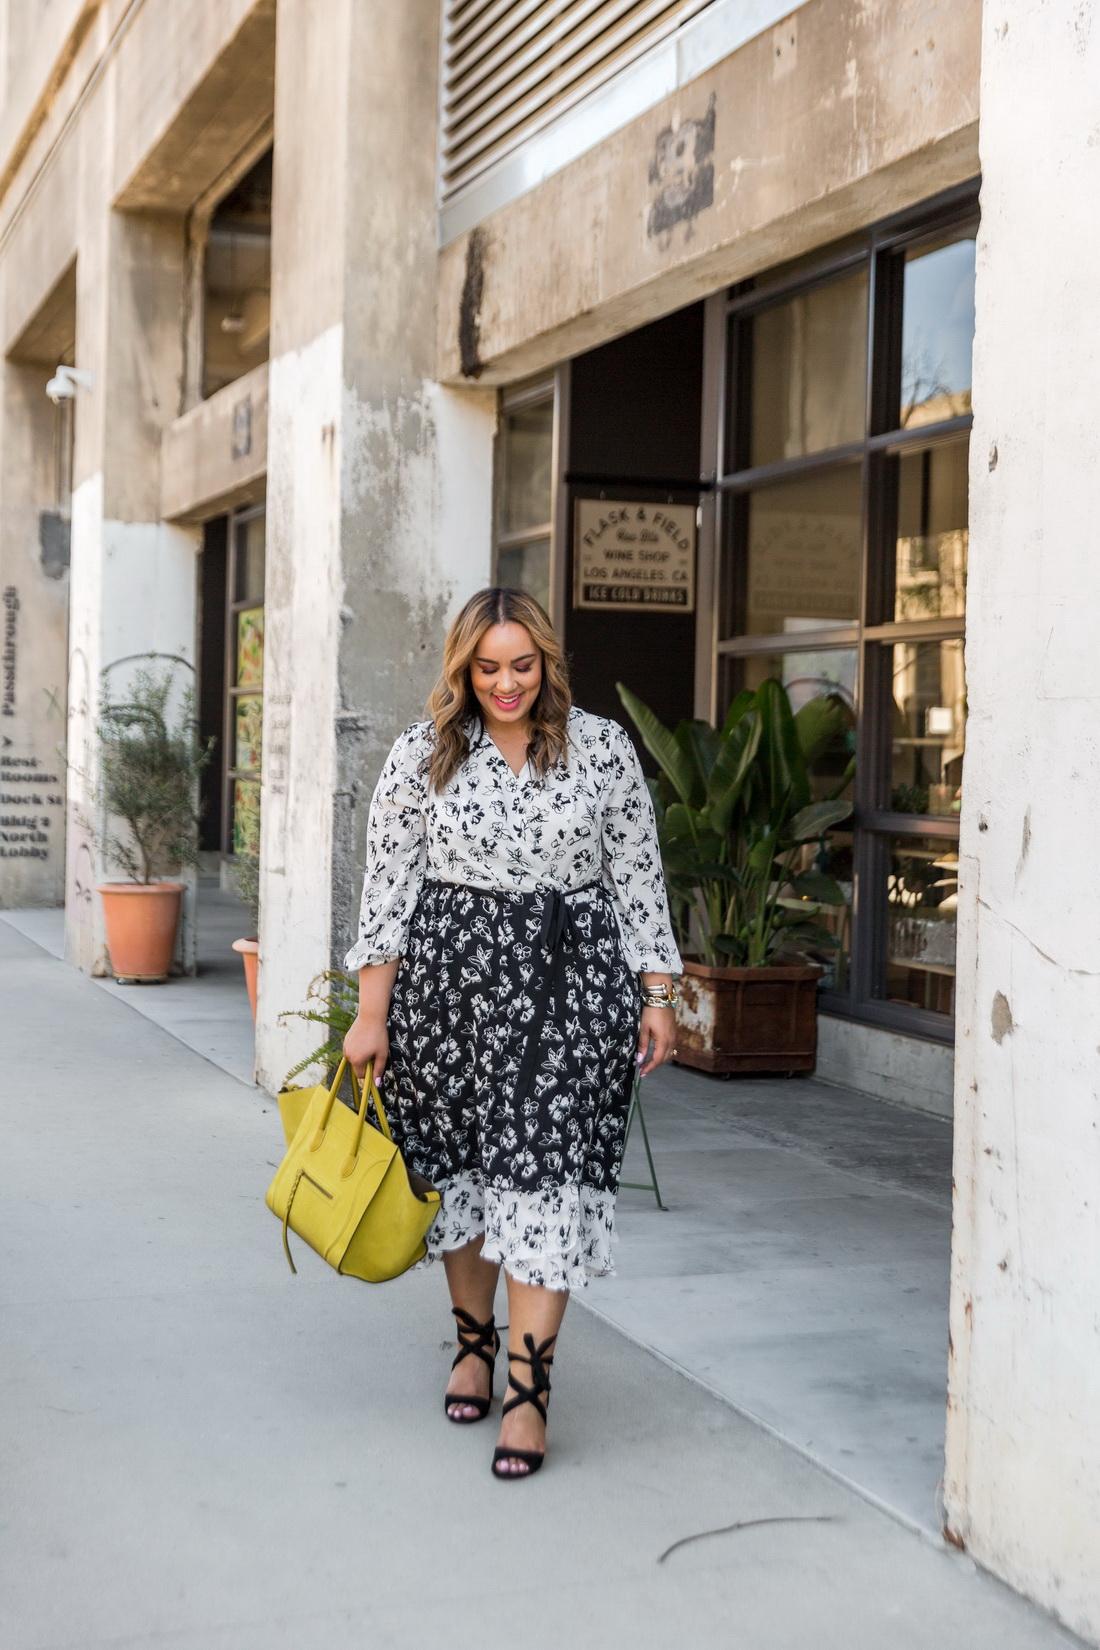 Модная одежда для полных - что носить и не стесняться лучшее,мода,мода для полных,модные советы,Наряды